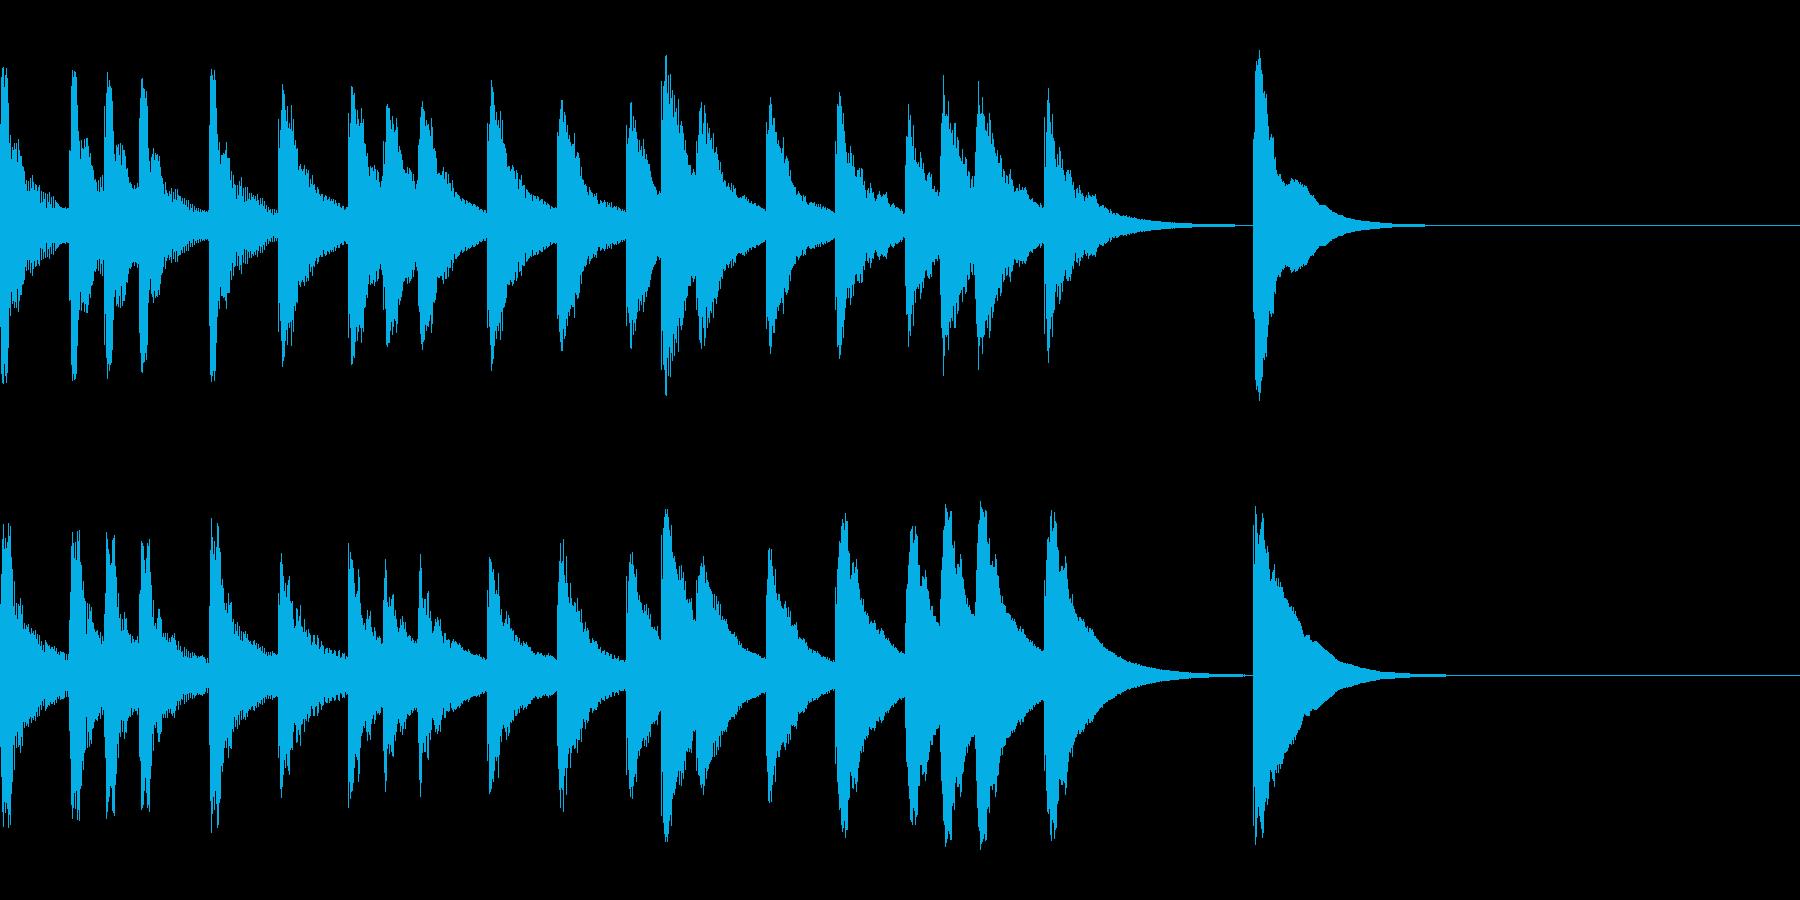 すこし間を持たせるジングル6秒の再生済みの波形